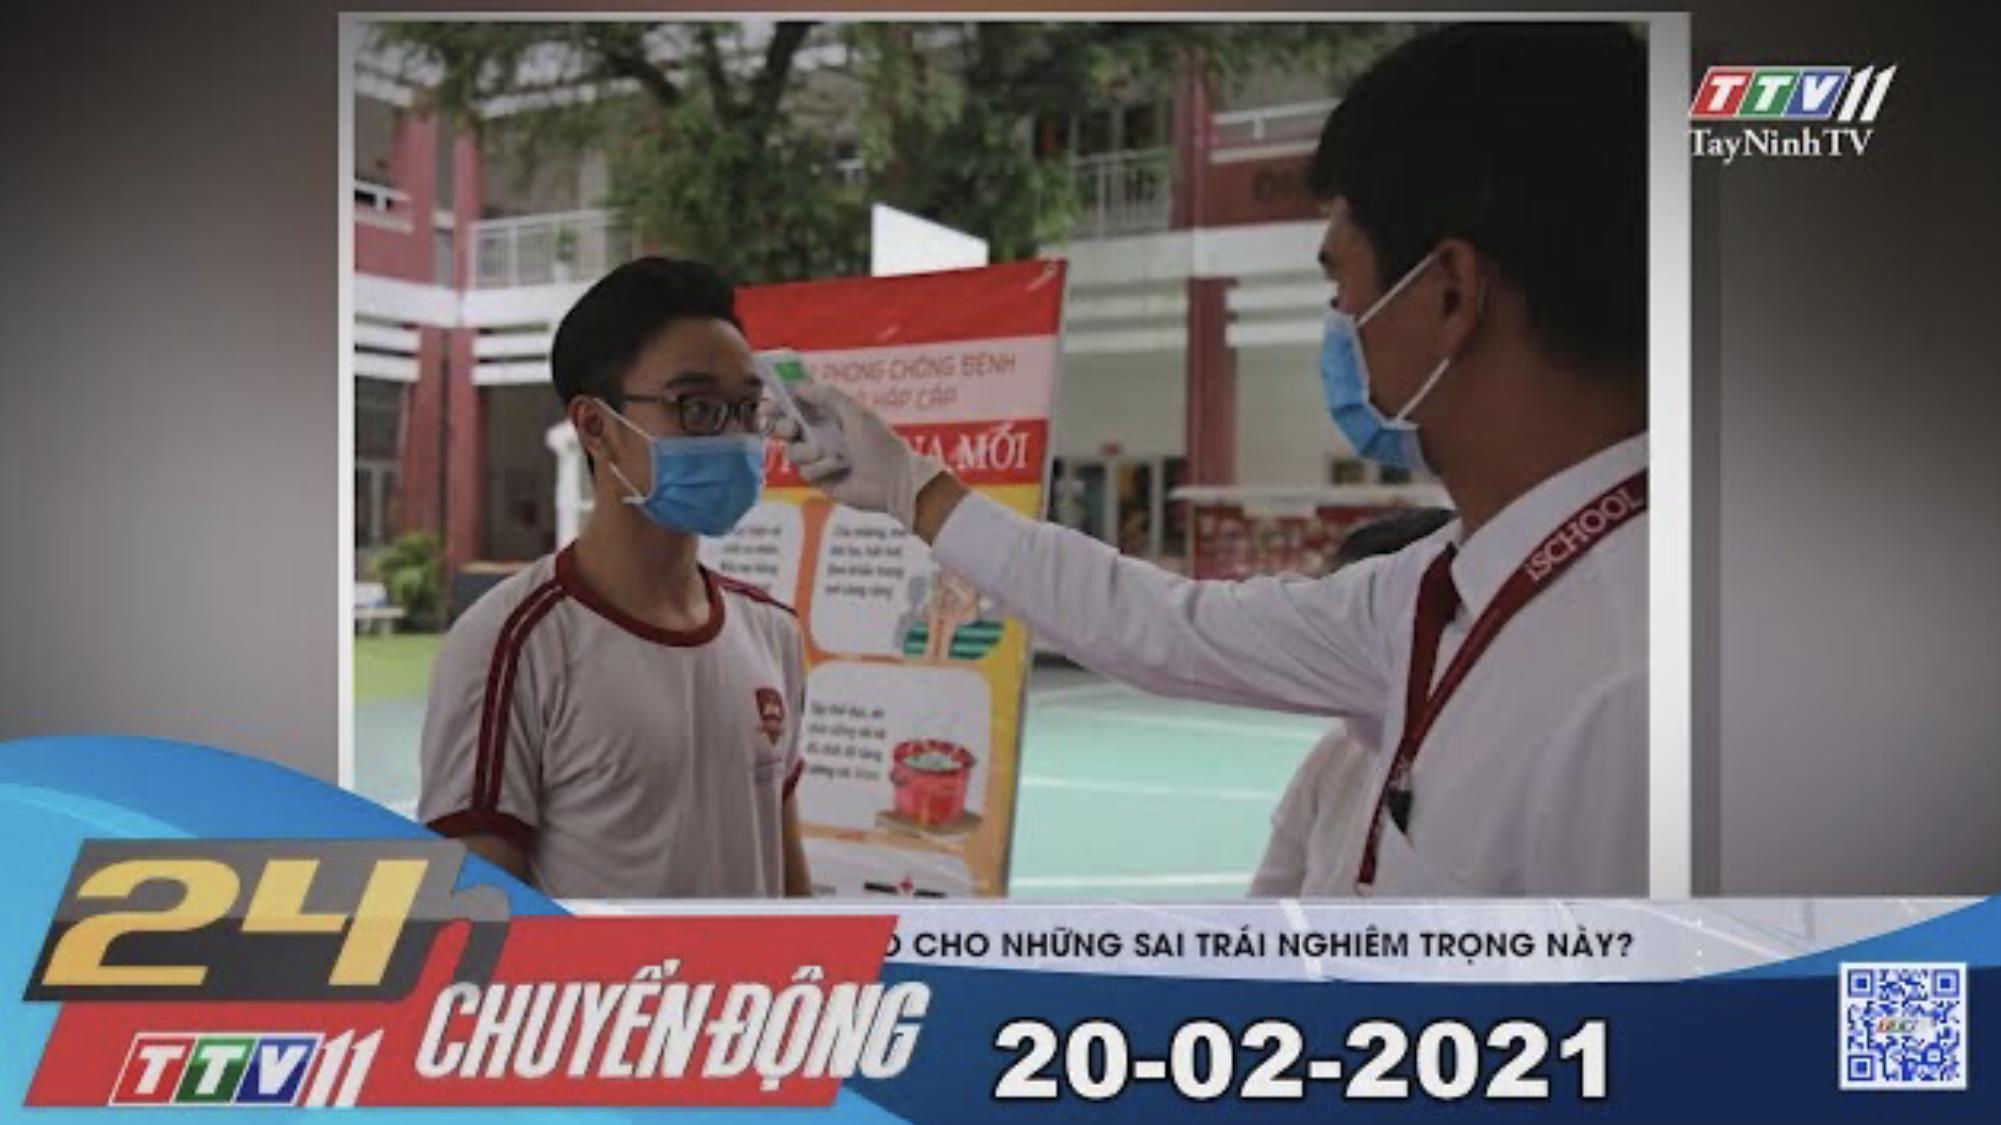 24h Chuyển động 20-02-2021 | Tin tức hôm nay | TayNinhTV